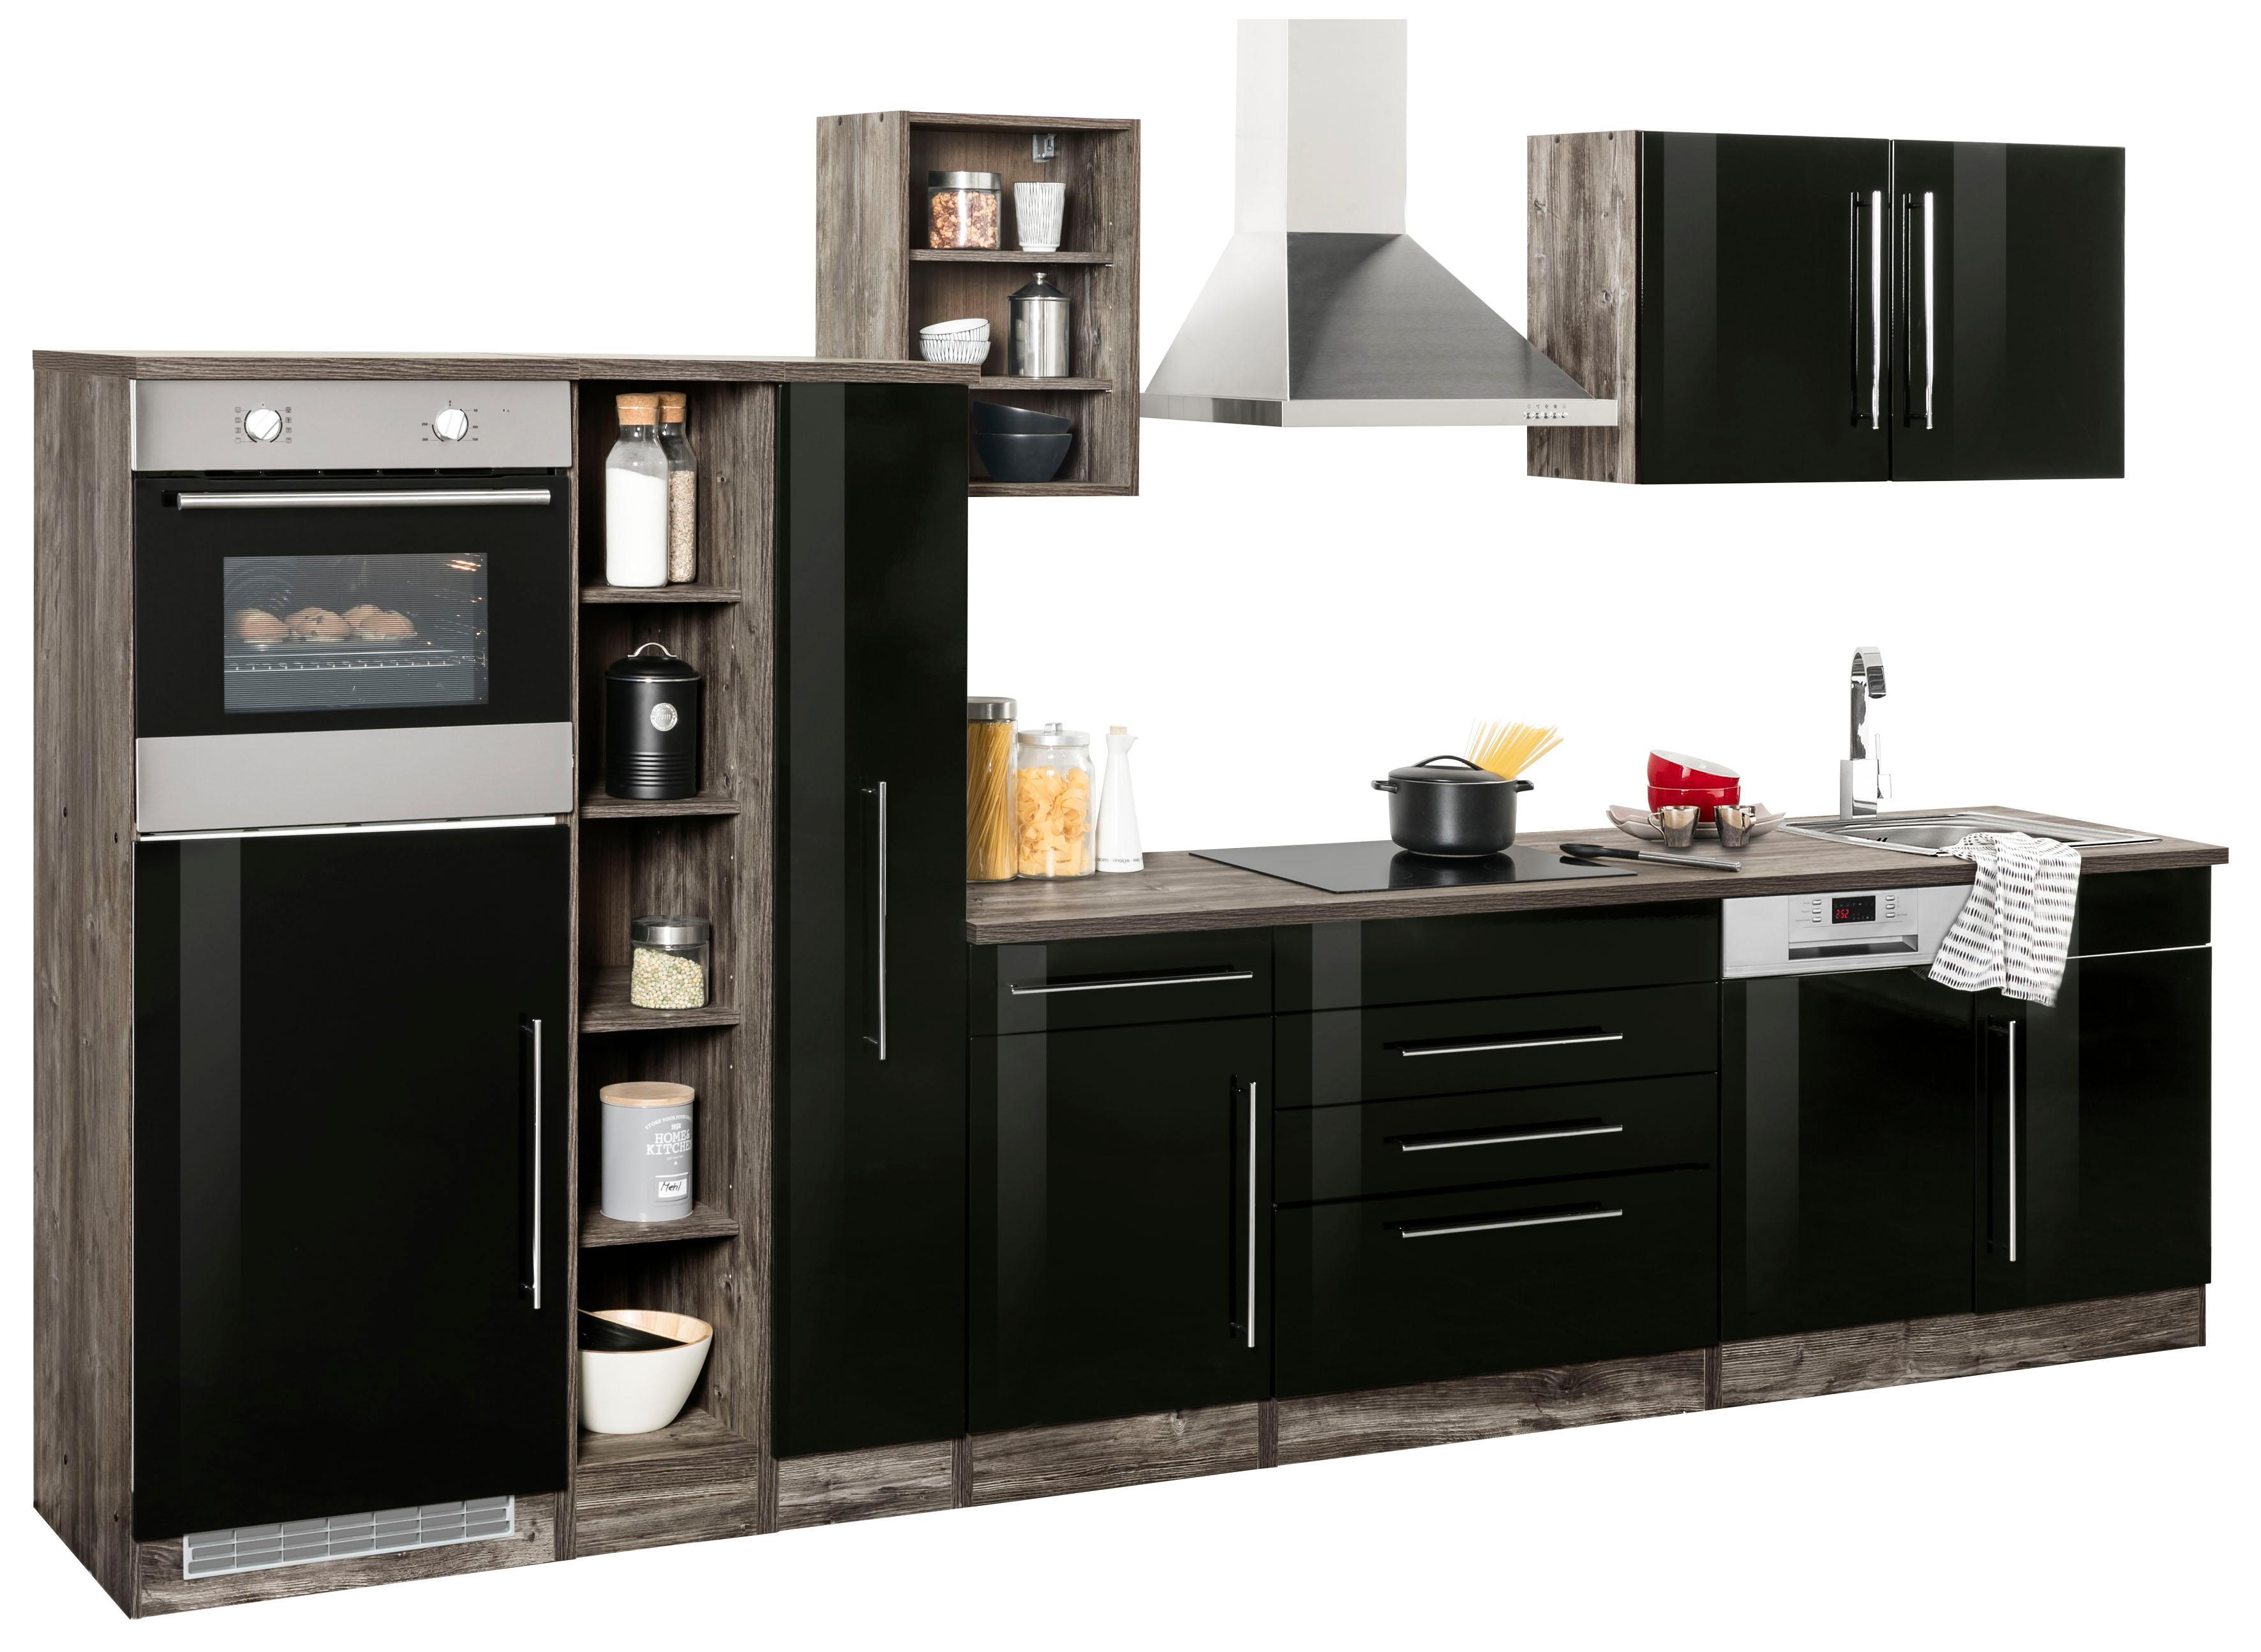 held m bel k chenzeile samos auf rechnung bestellen baur. Black Bedroom Furniture Sets. Home Design Ideas